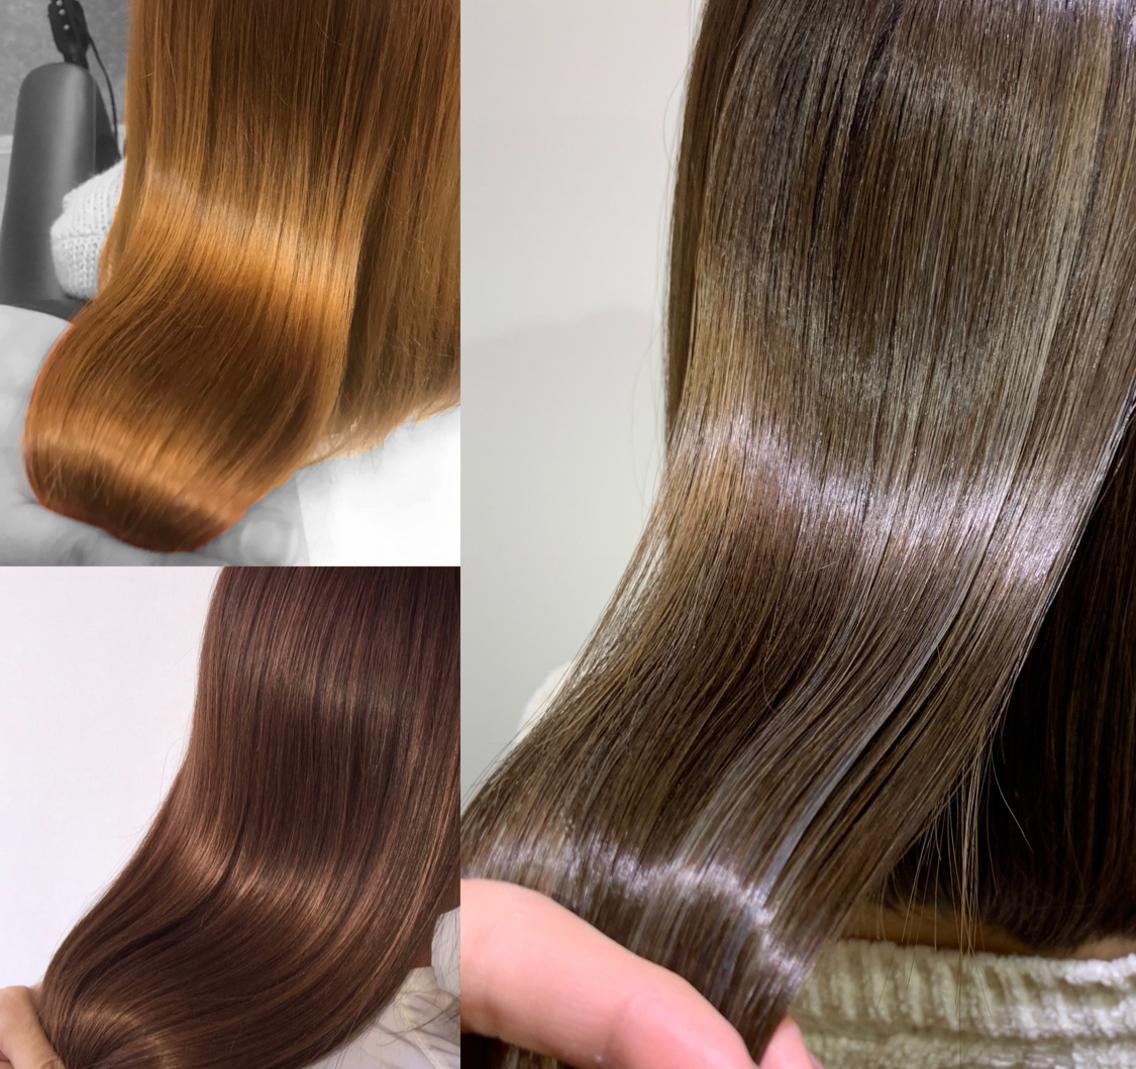 髪と頭皮のタンパク質復元⁉️BCケアホリスティックカラー✨BCケアを施術前後に行うことにより活性酸素を抑えツヤ感をUP⏫【✨Instagramフォロワー1️⃣2️⃣0️⃣0️⃣OVER✨】